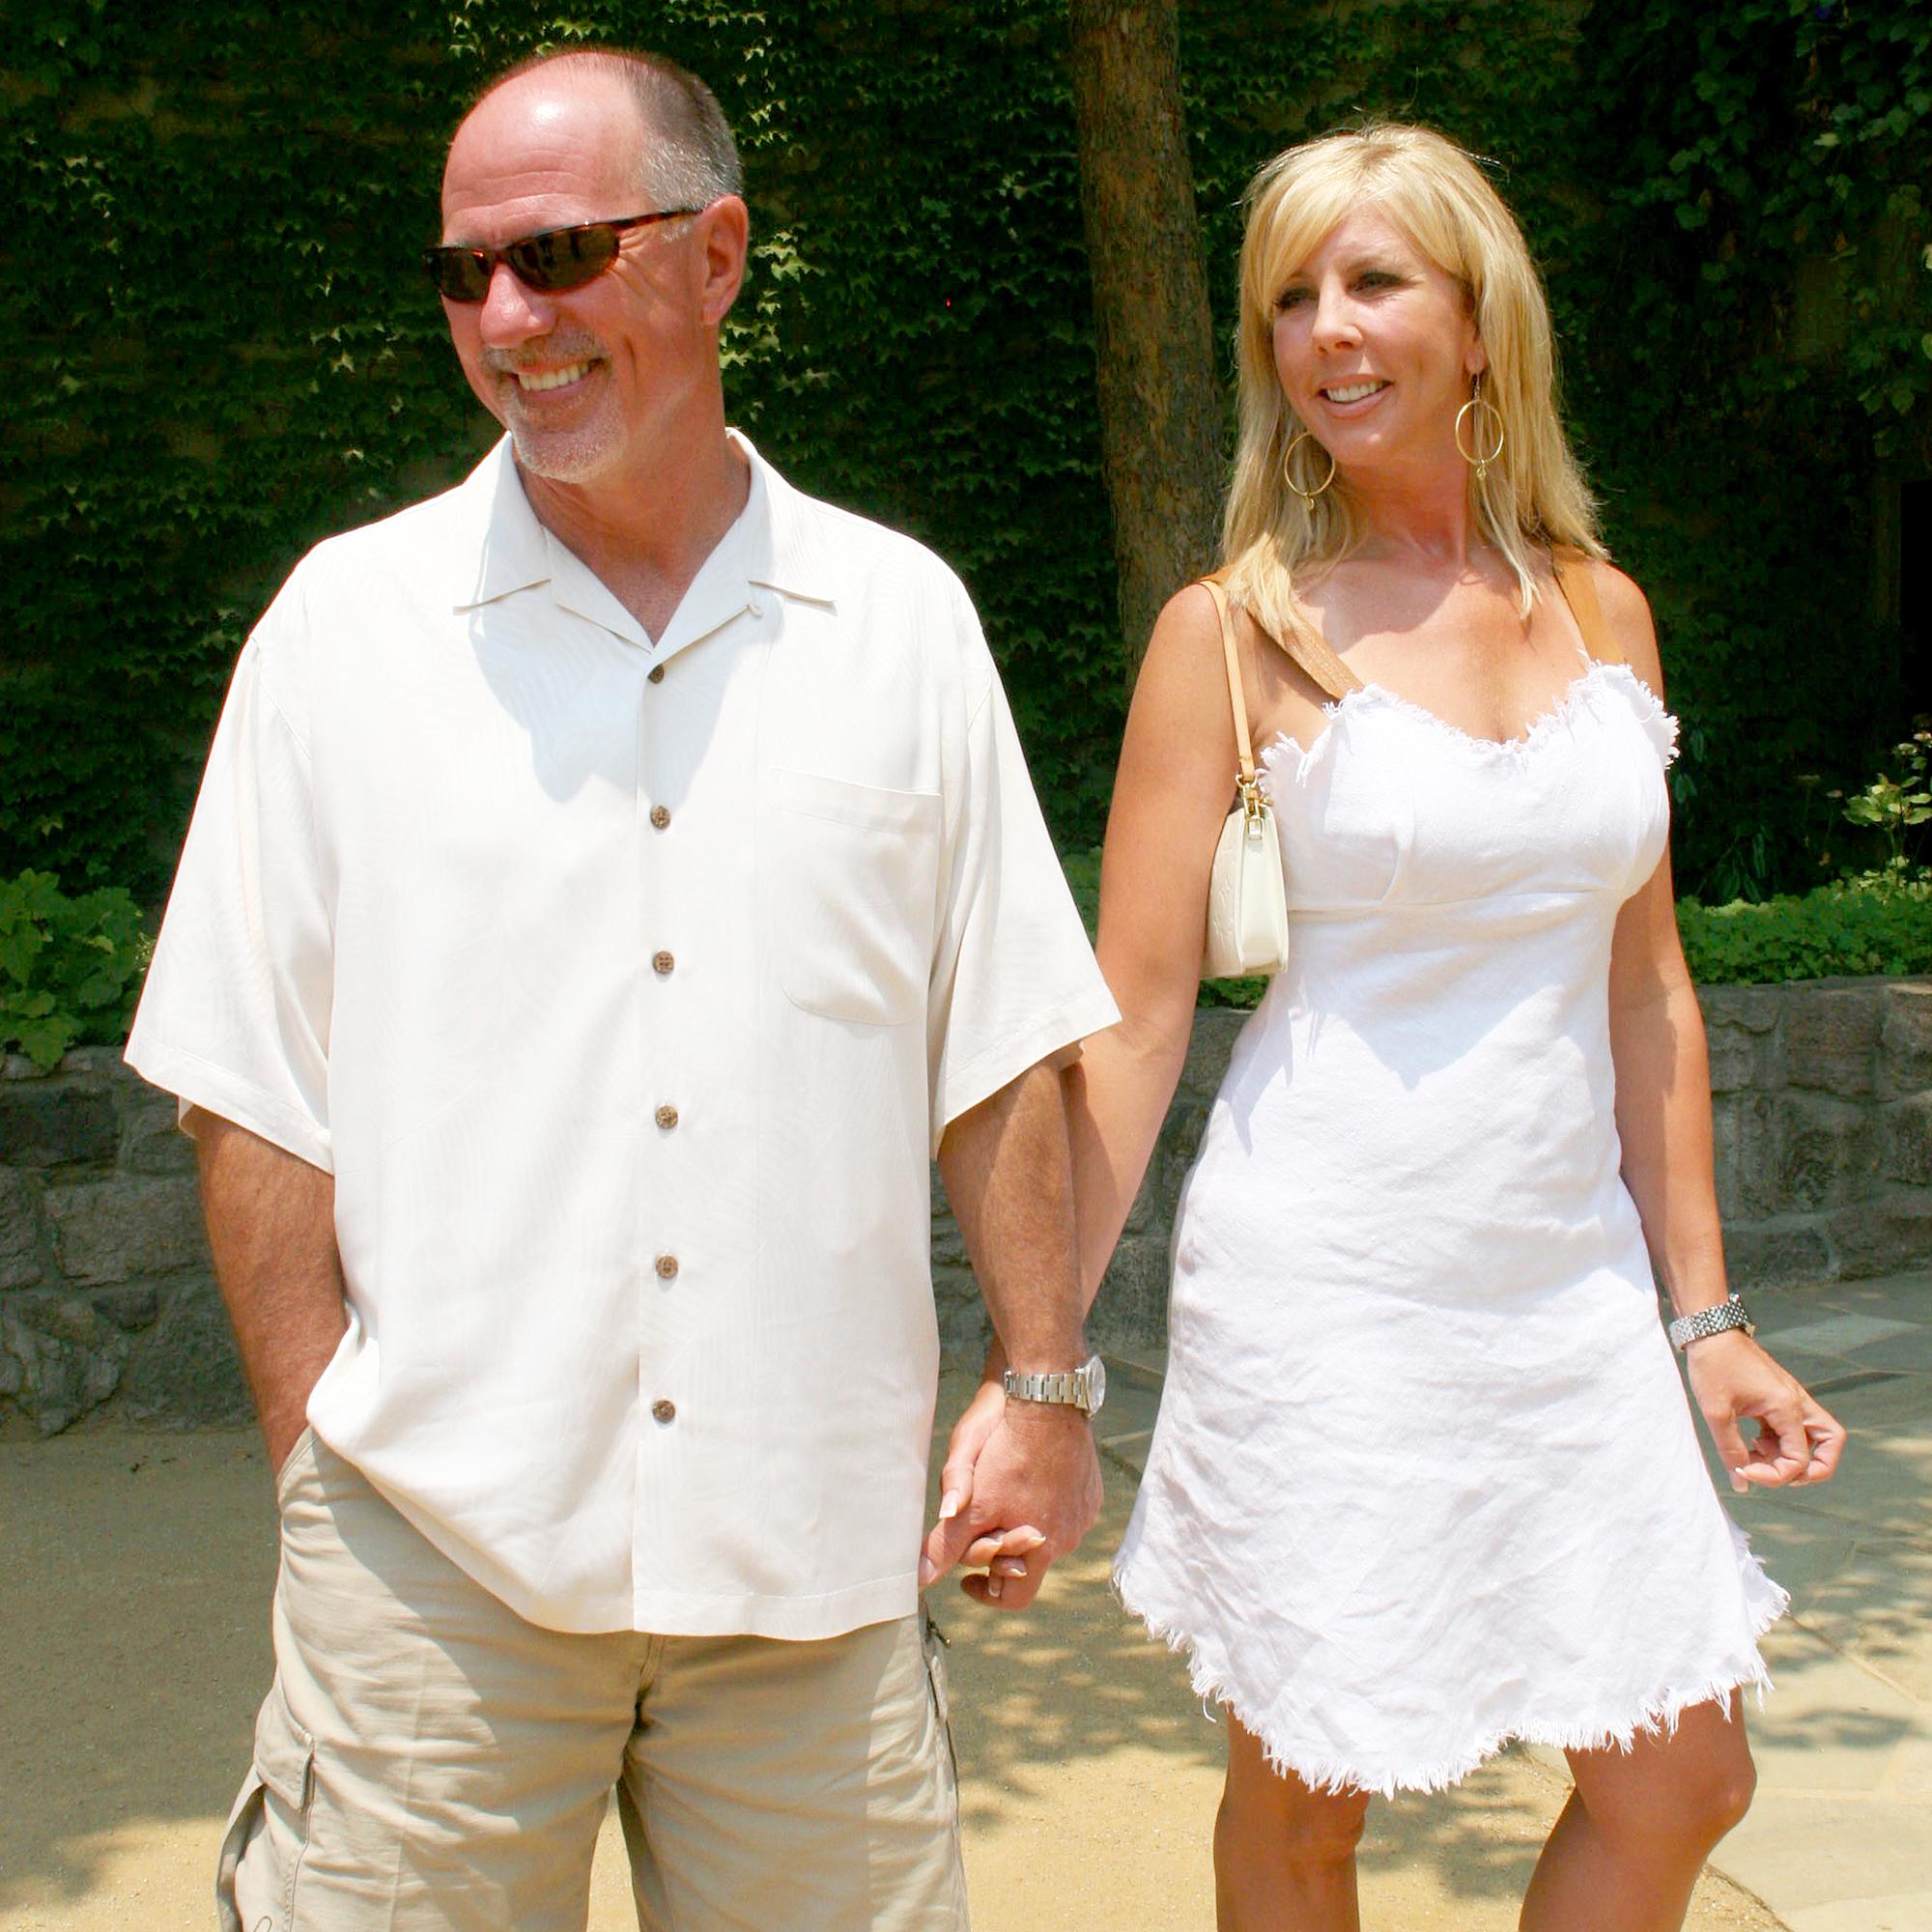 Donn Gunvalson and Vicki Gunvalson